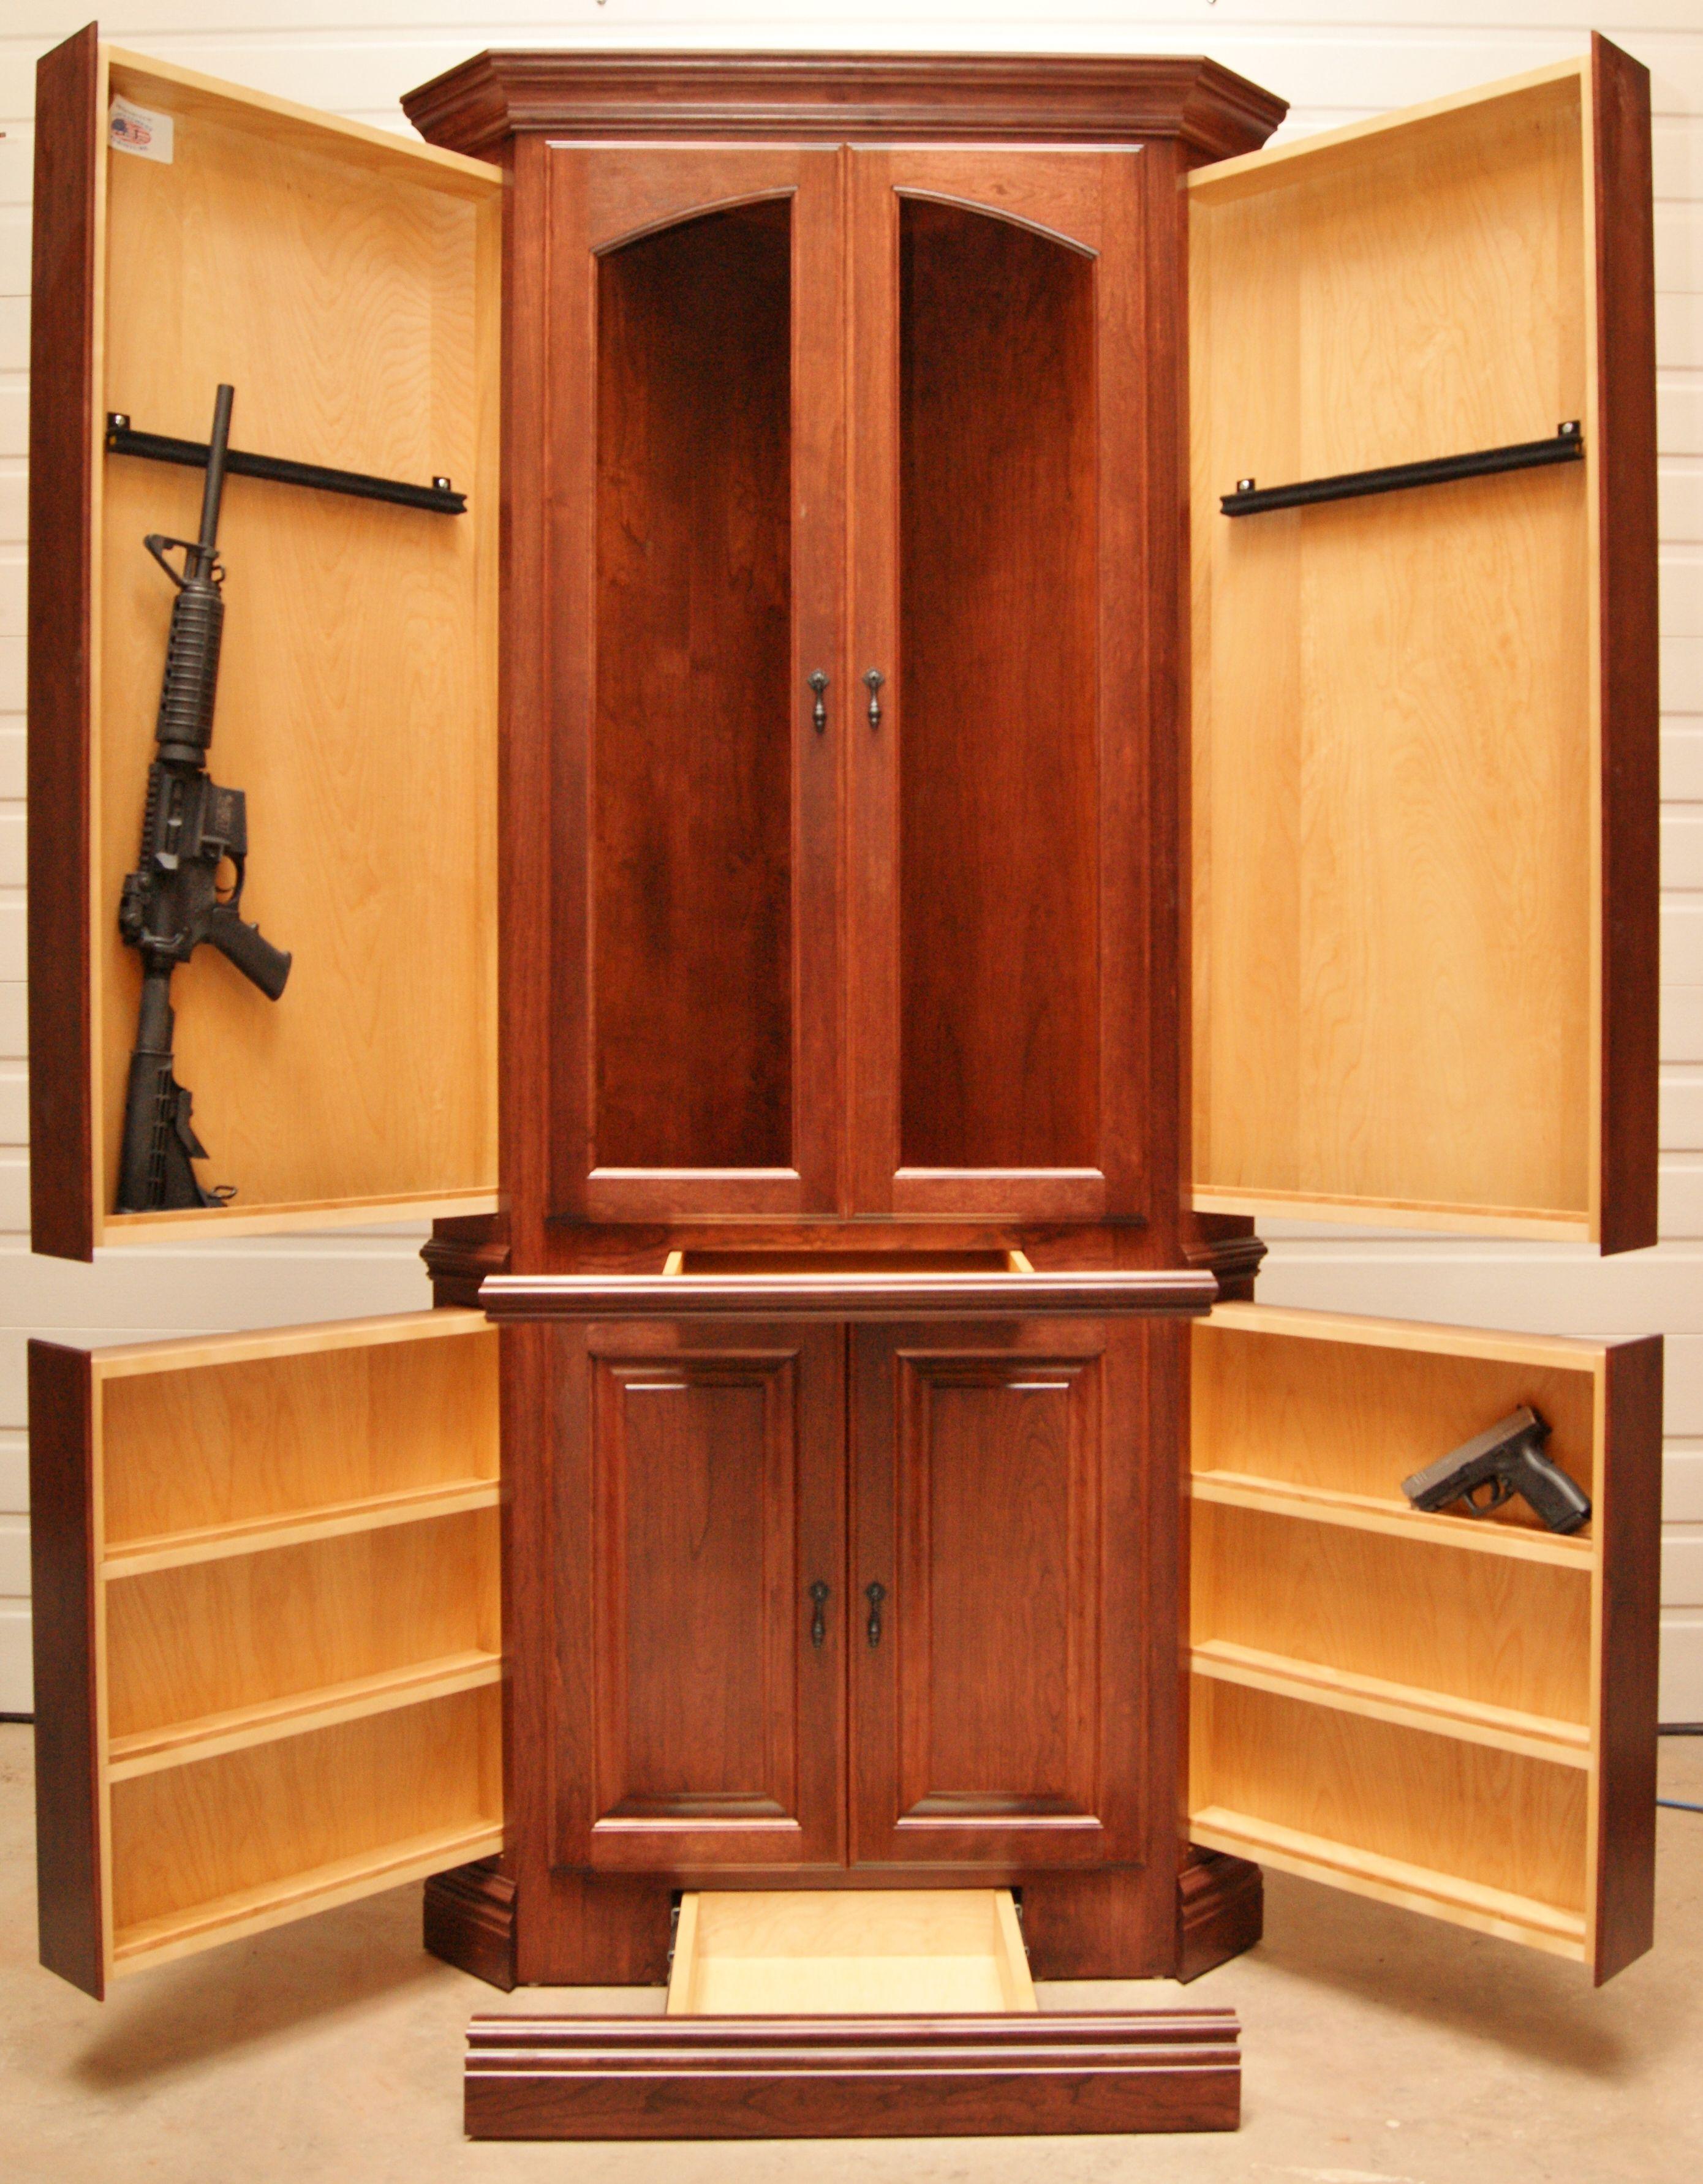 Charming Corner Hutch | NJ Concealment Furniture For Video: Https://www.facebook. Hidden  Gun StorageCorner ...